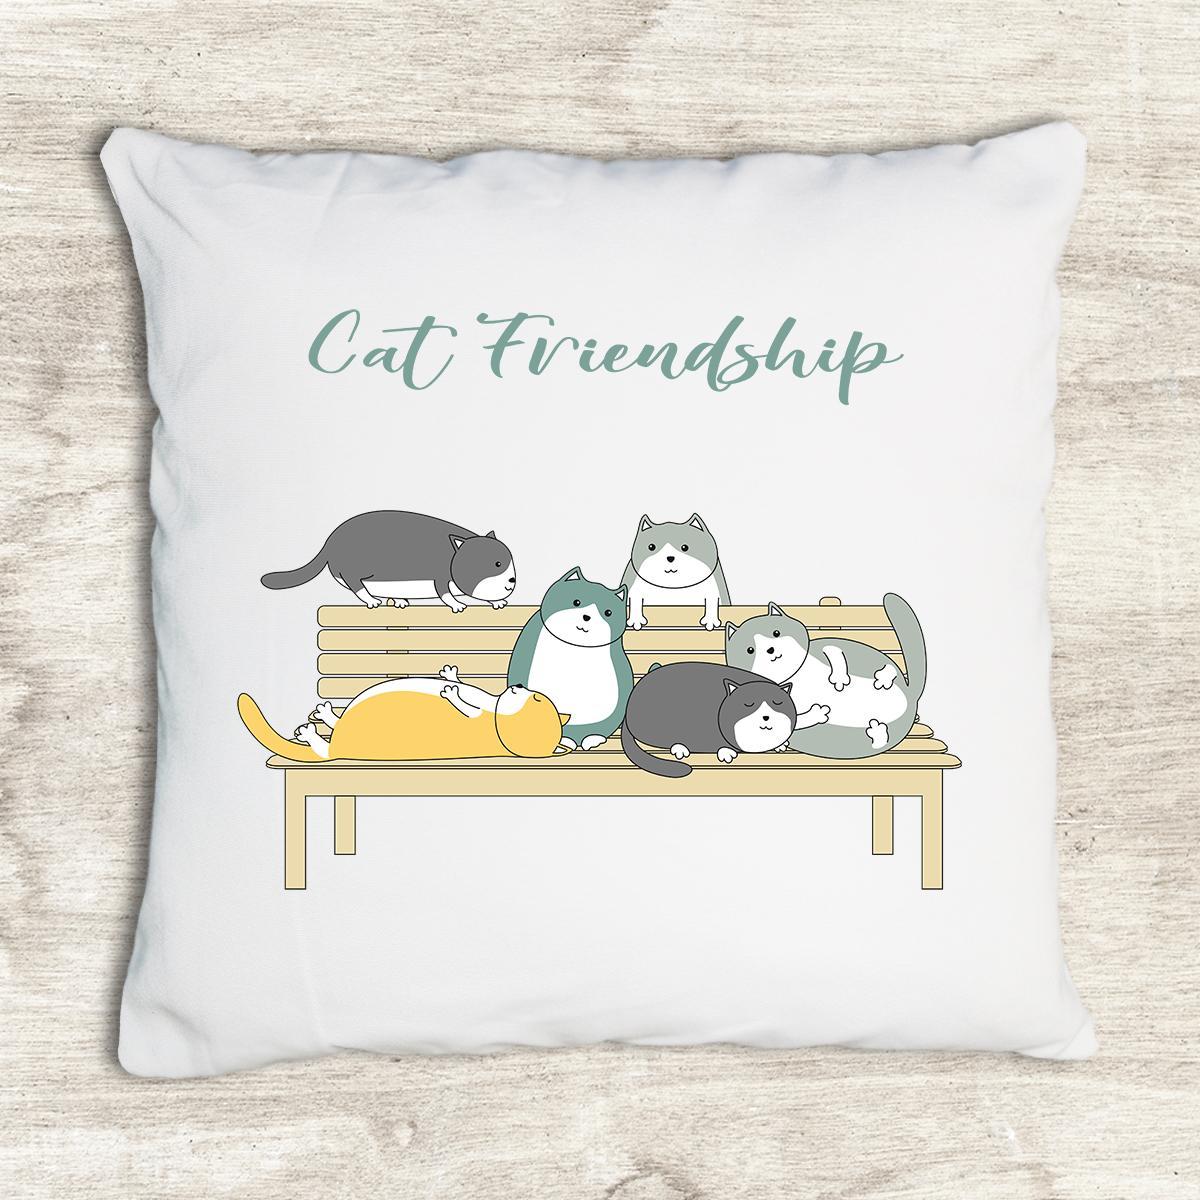 Gối tựa lưng trang trí vải canvas in hình handdrawn cute cat friendship cartoon G159